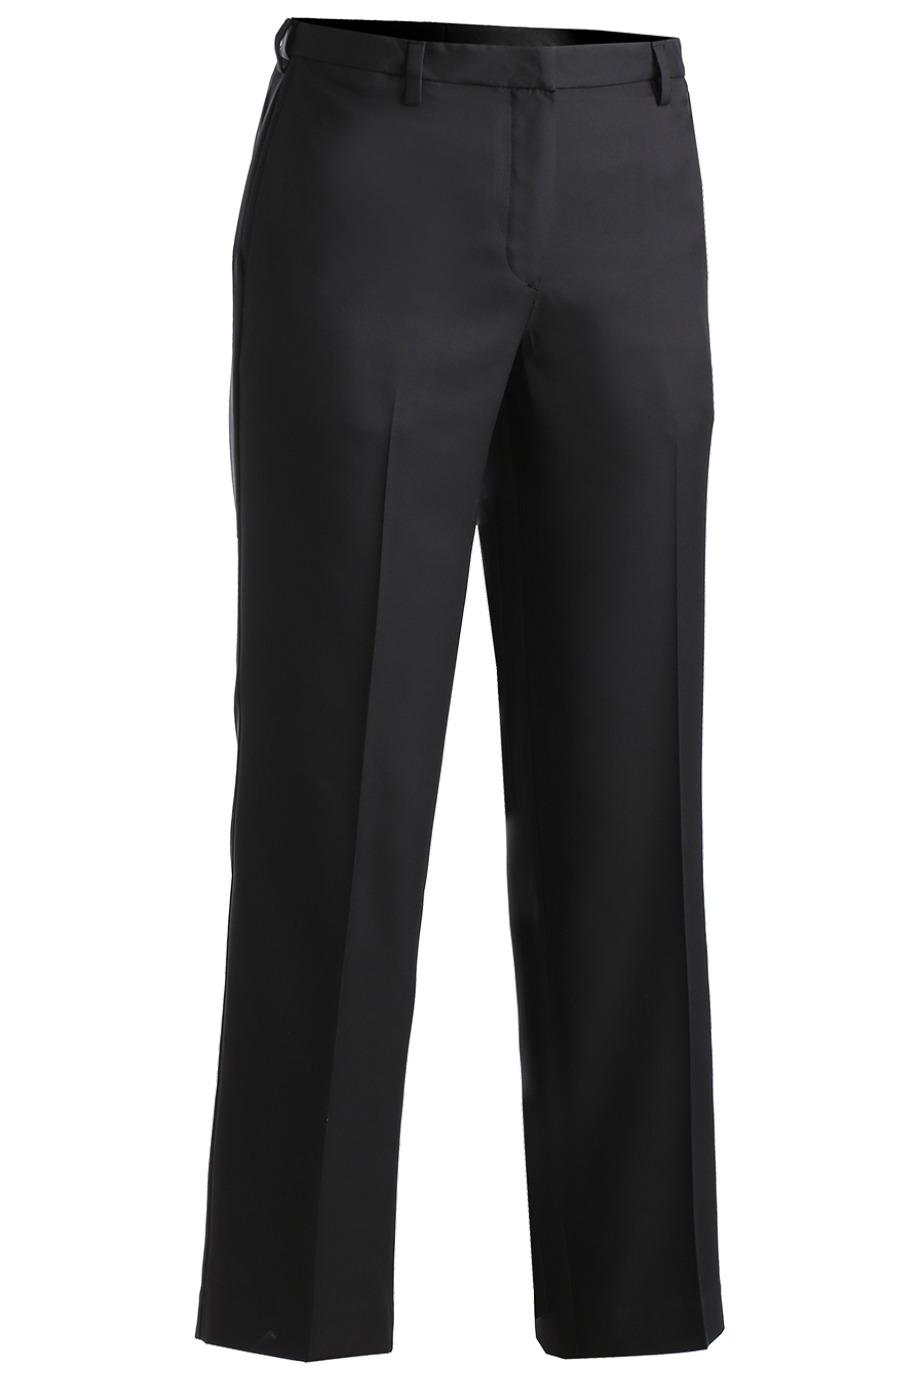 Ladies' Microfiber Flat Front Pant 8532